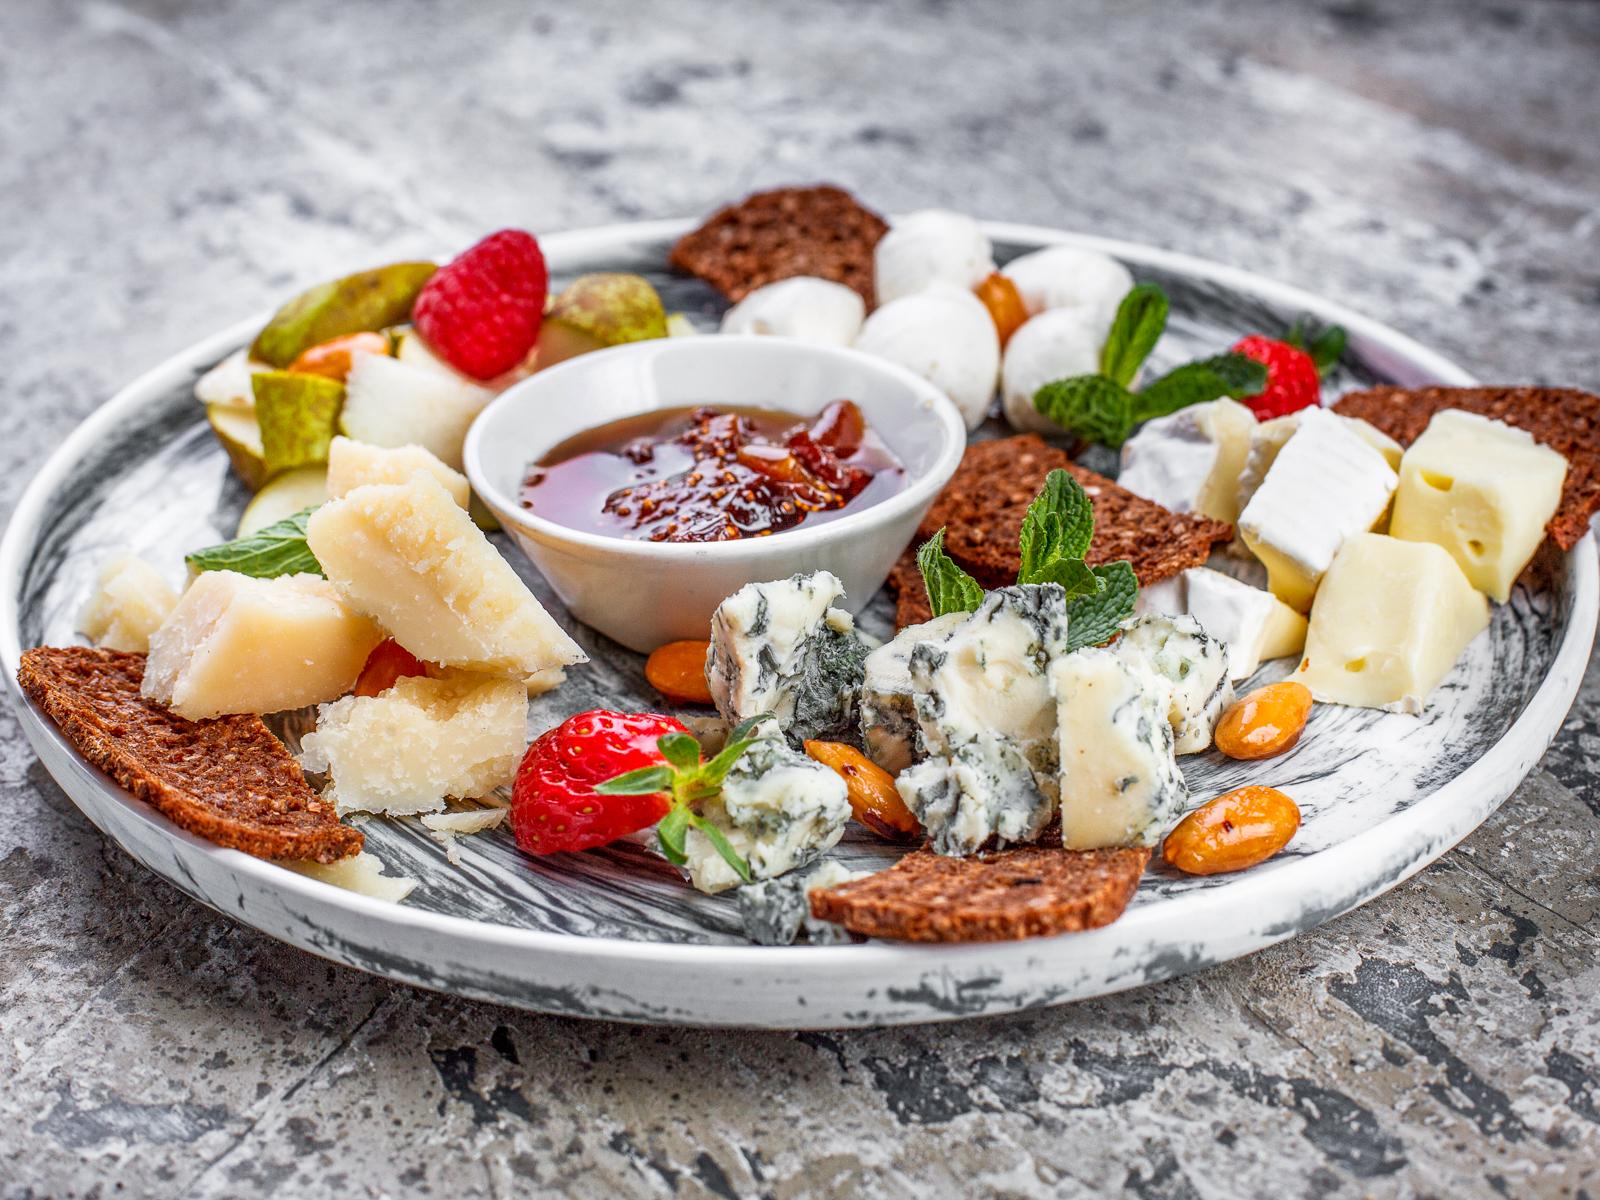 Сырная тарелка с сезонными фруктами и инжирным вареньем